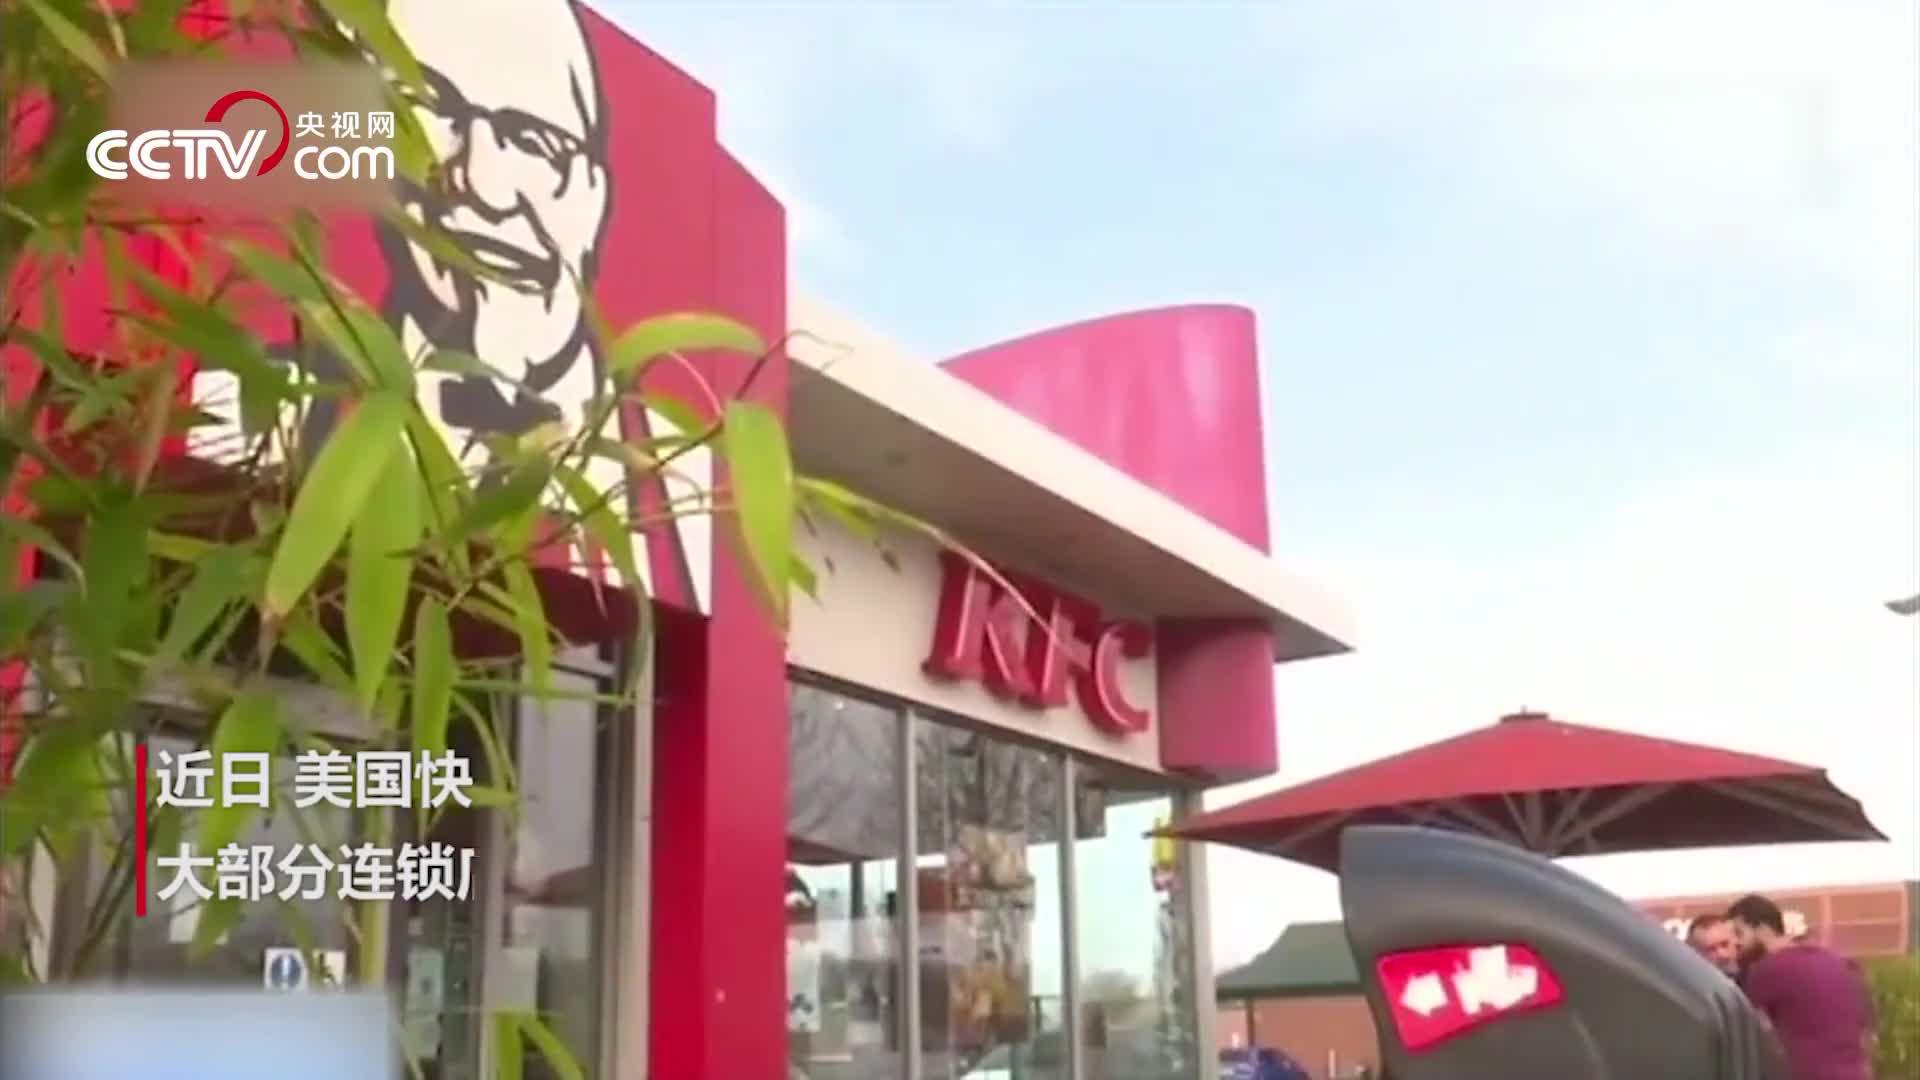 """[视频]肯德基闹""""鸡荒""""700家门店停业 吃鸡群众表示很愤怒"""